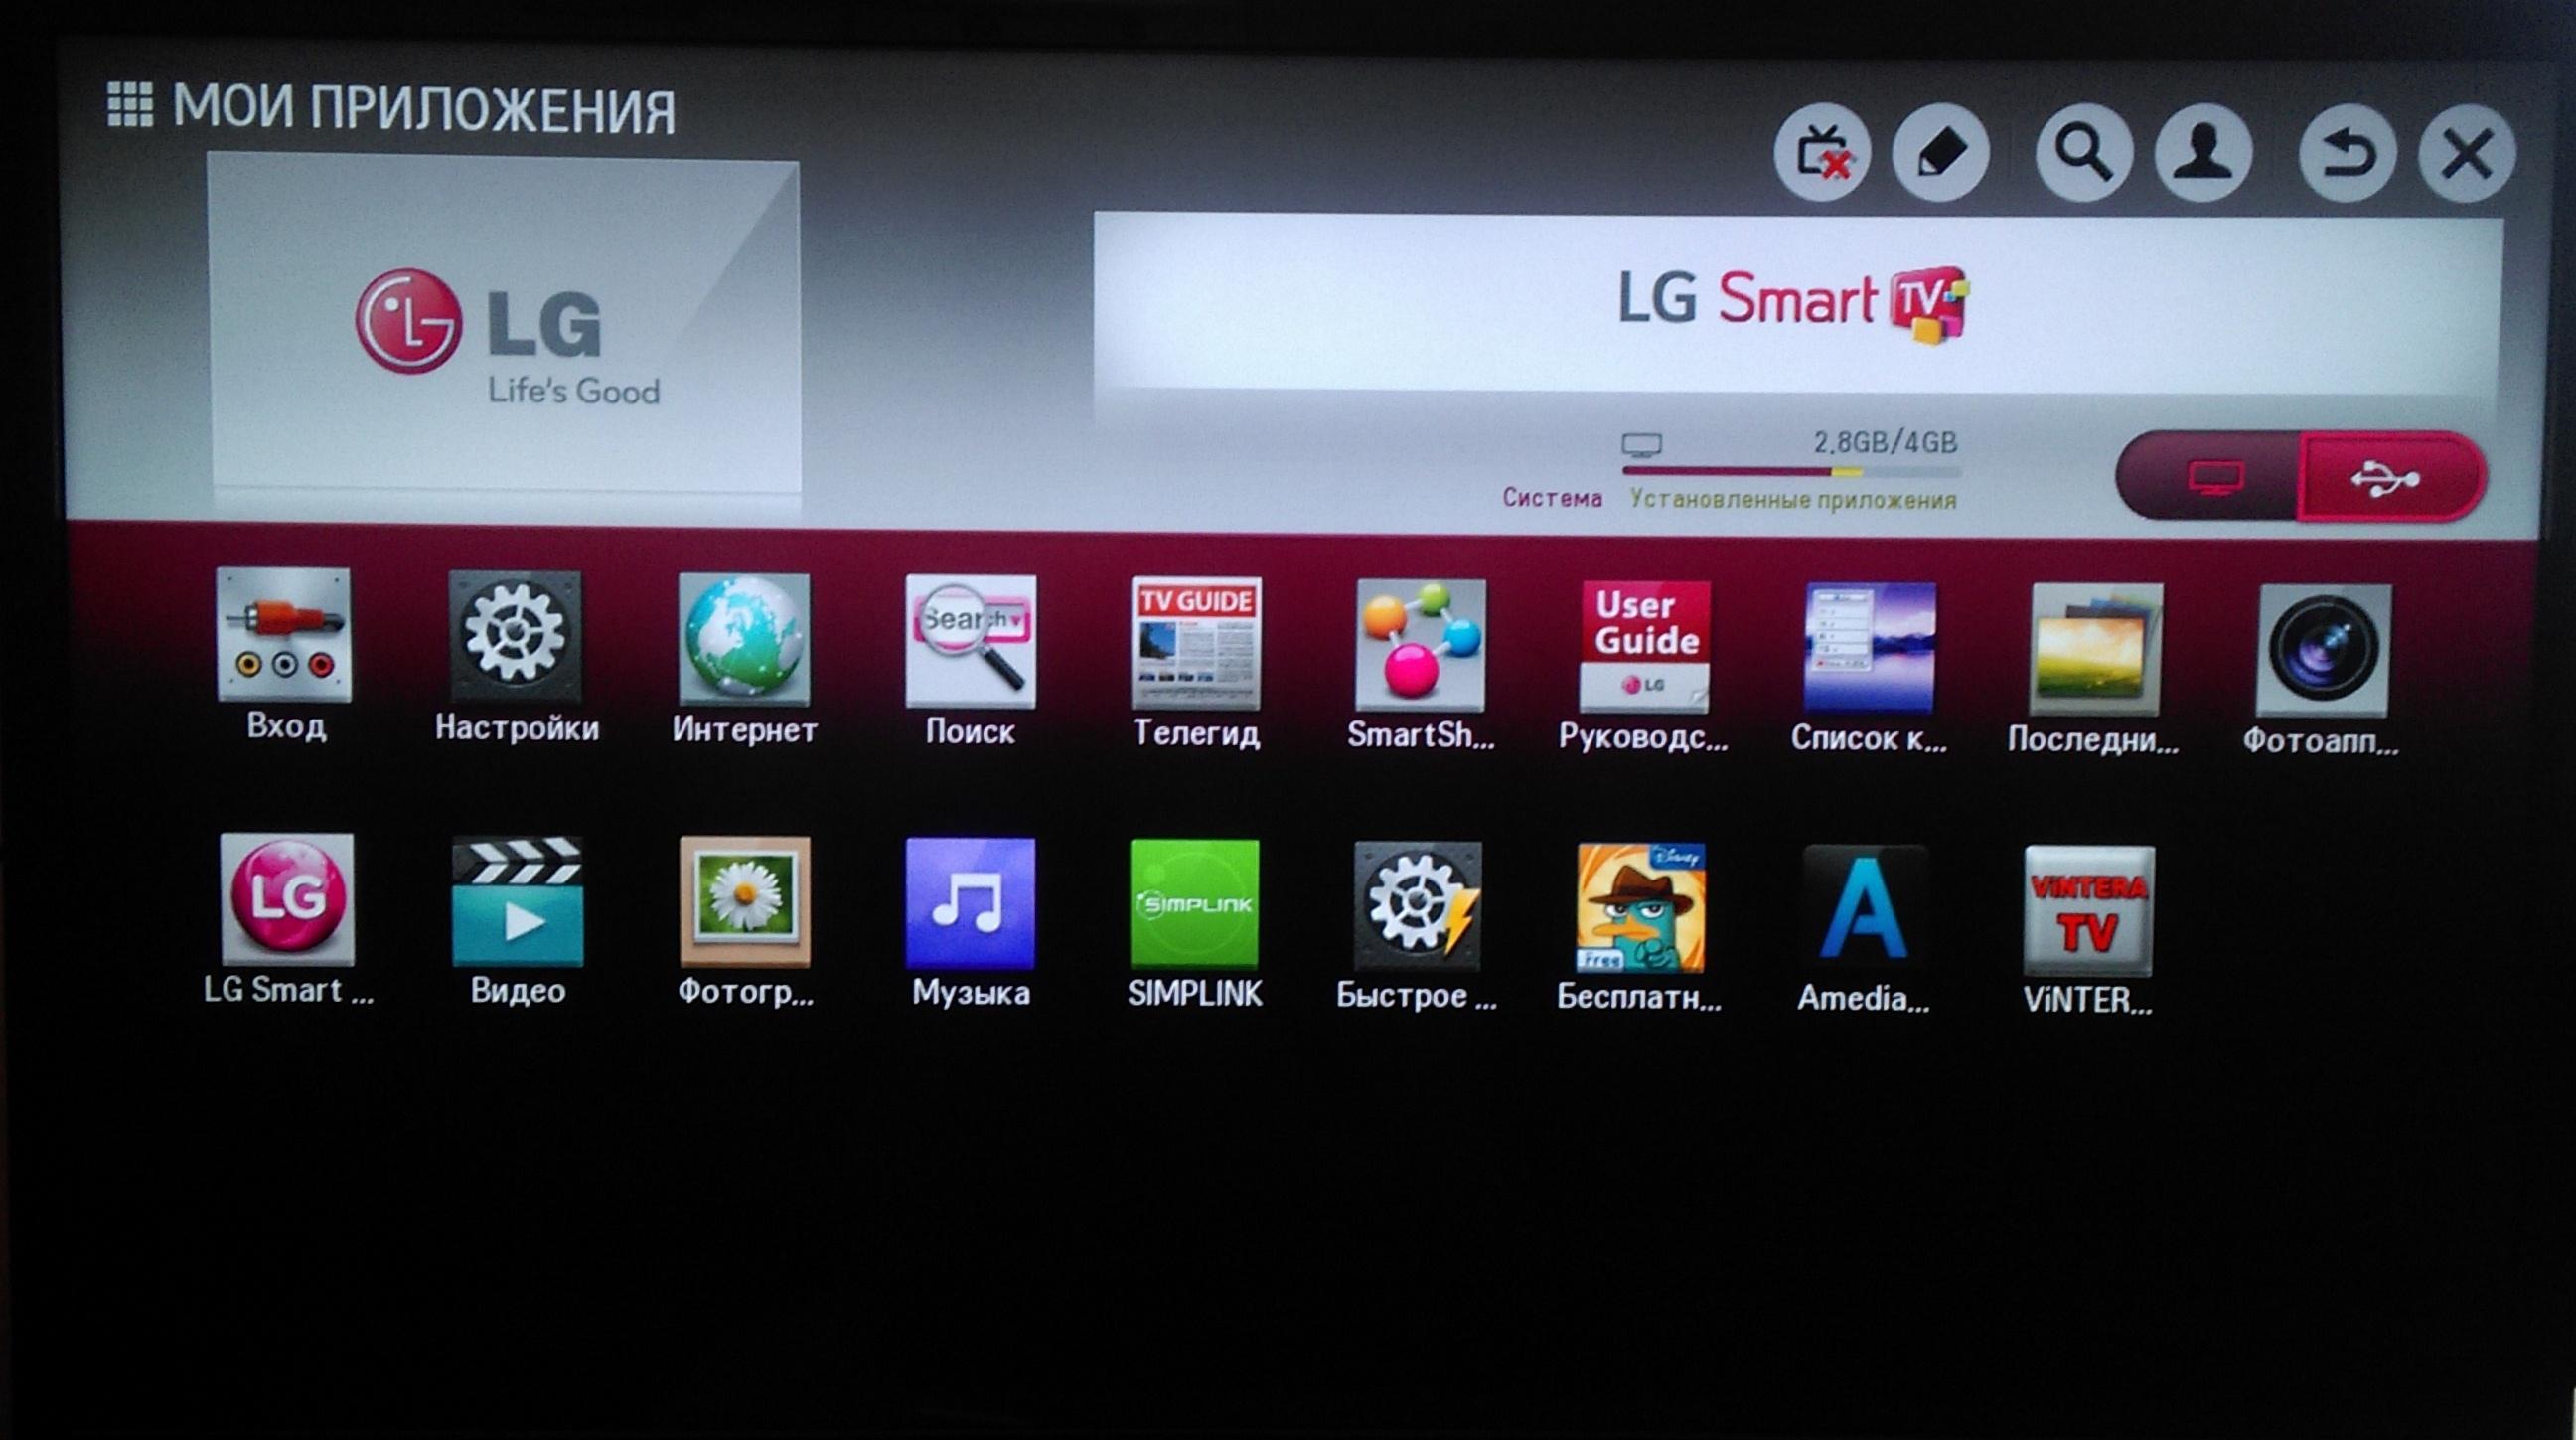 Приложения для LG Smart TV поиск и установка